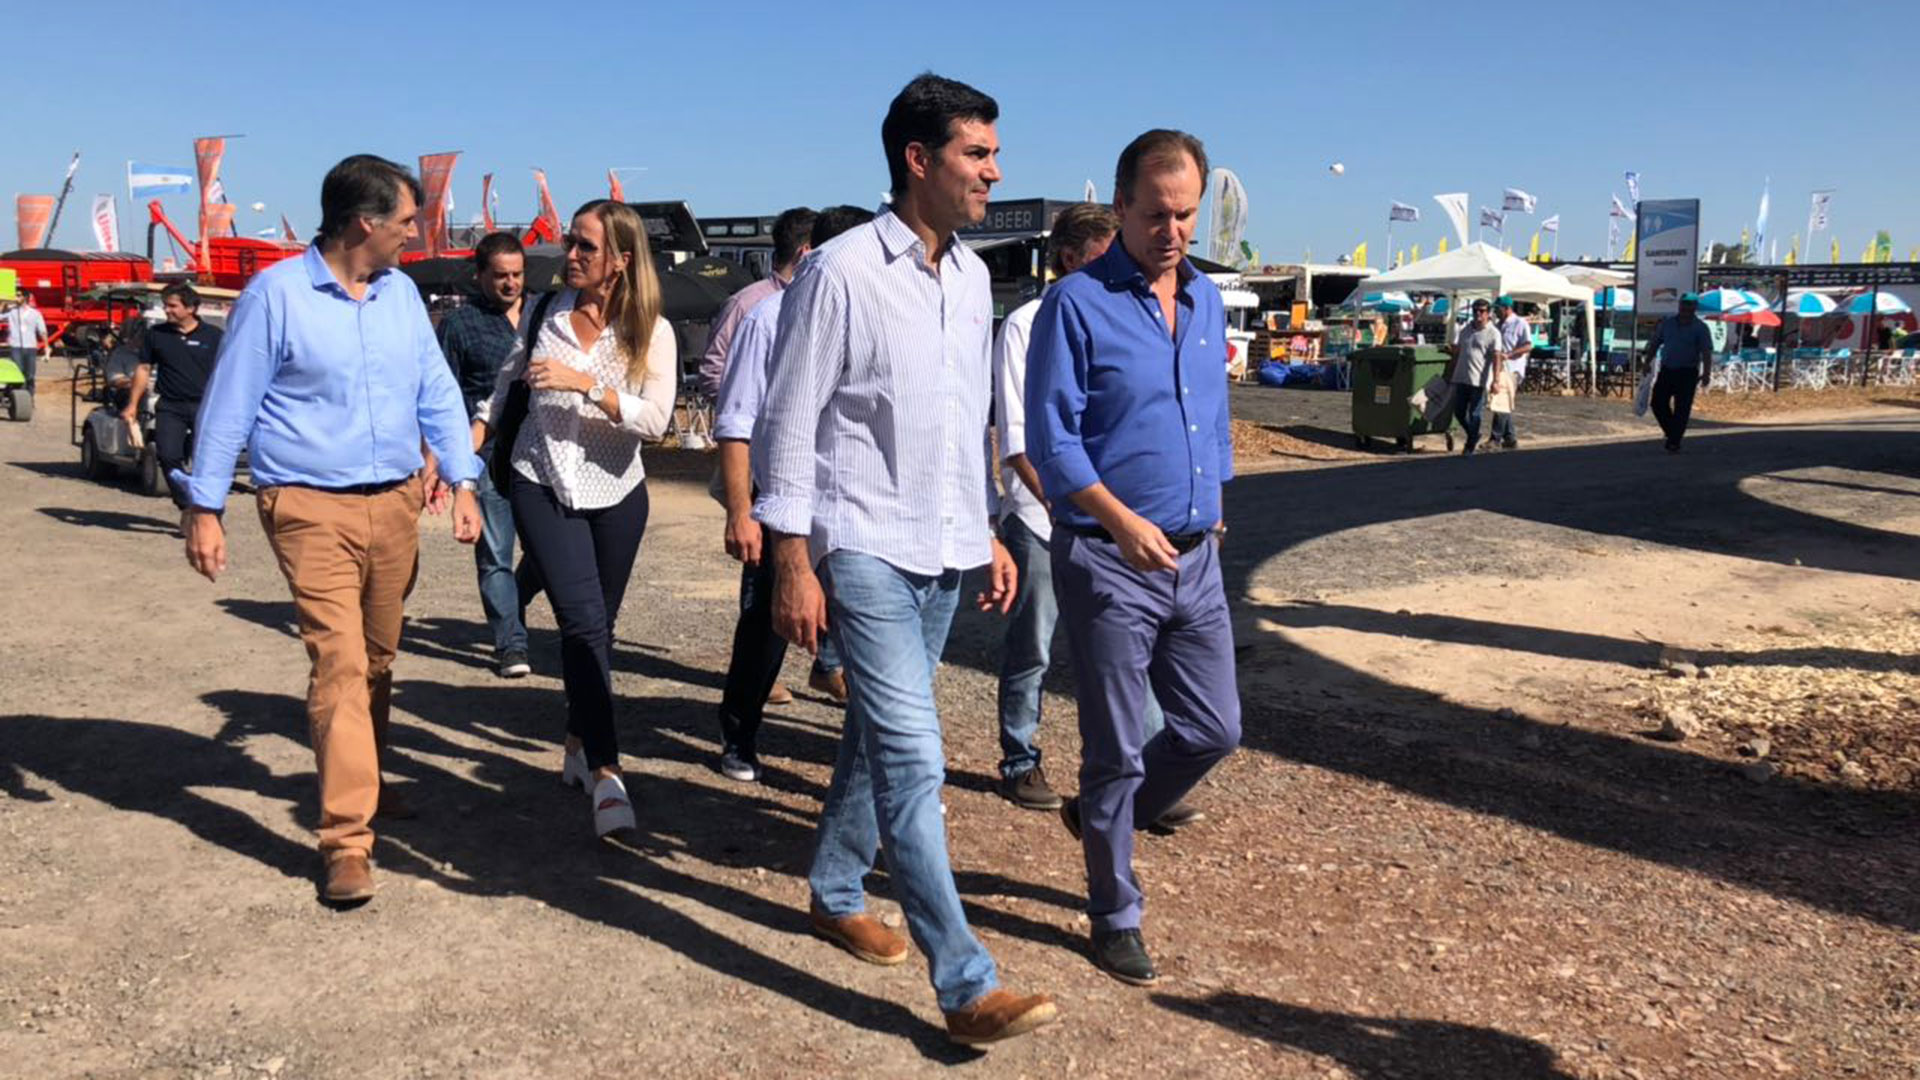 Los gobernadores peronistas visitaron juntos la exposición rural